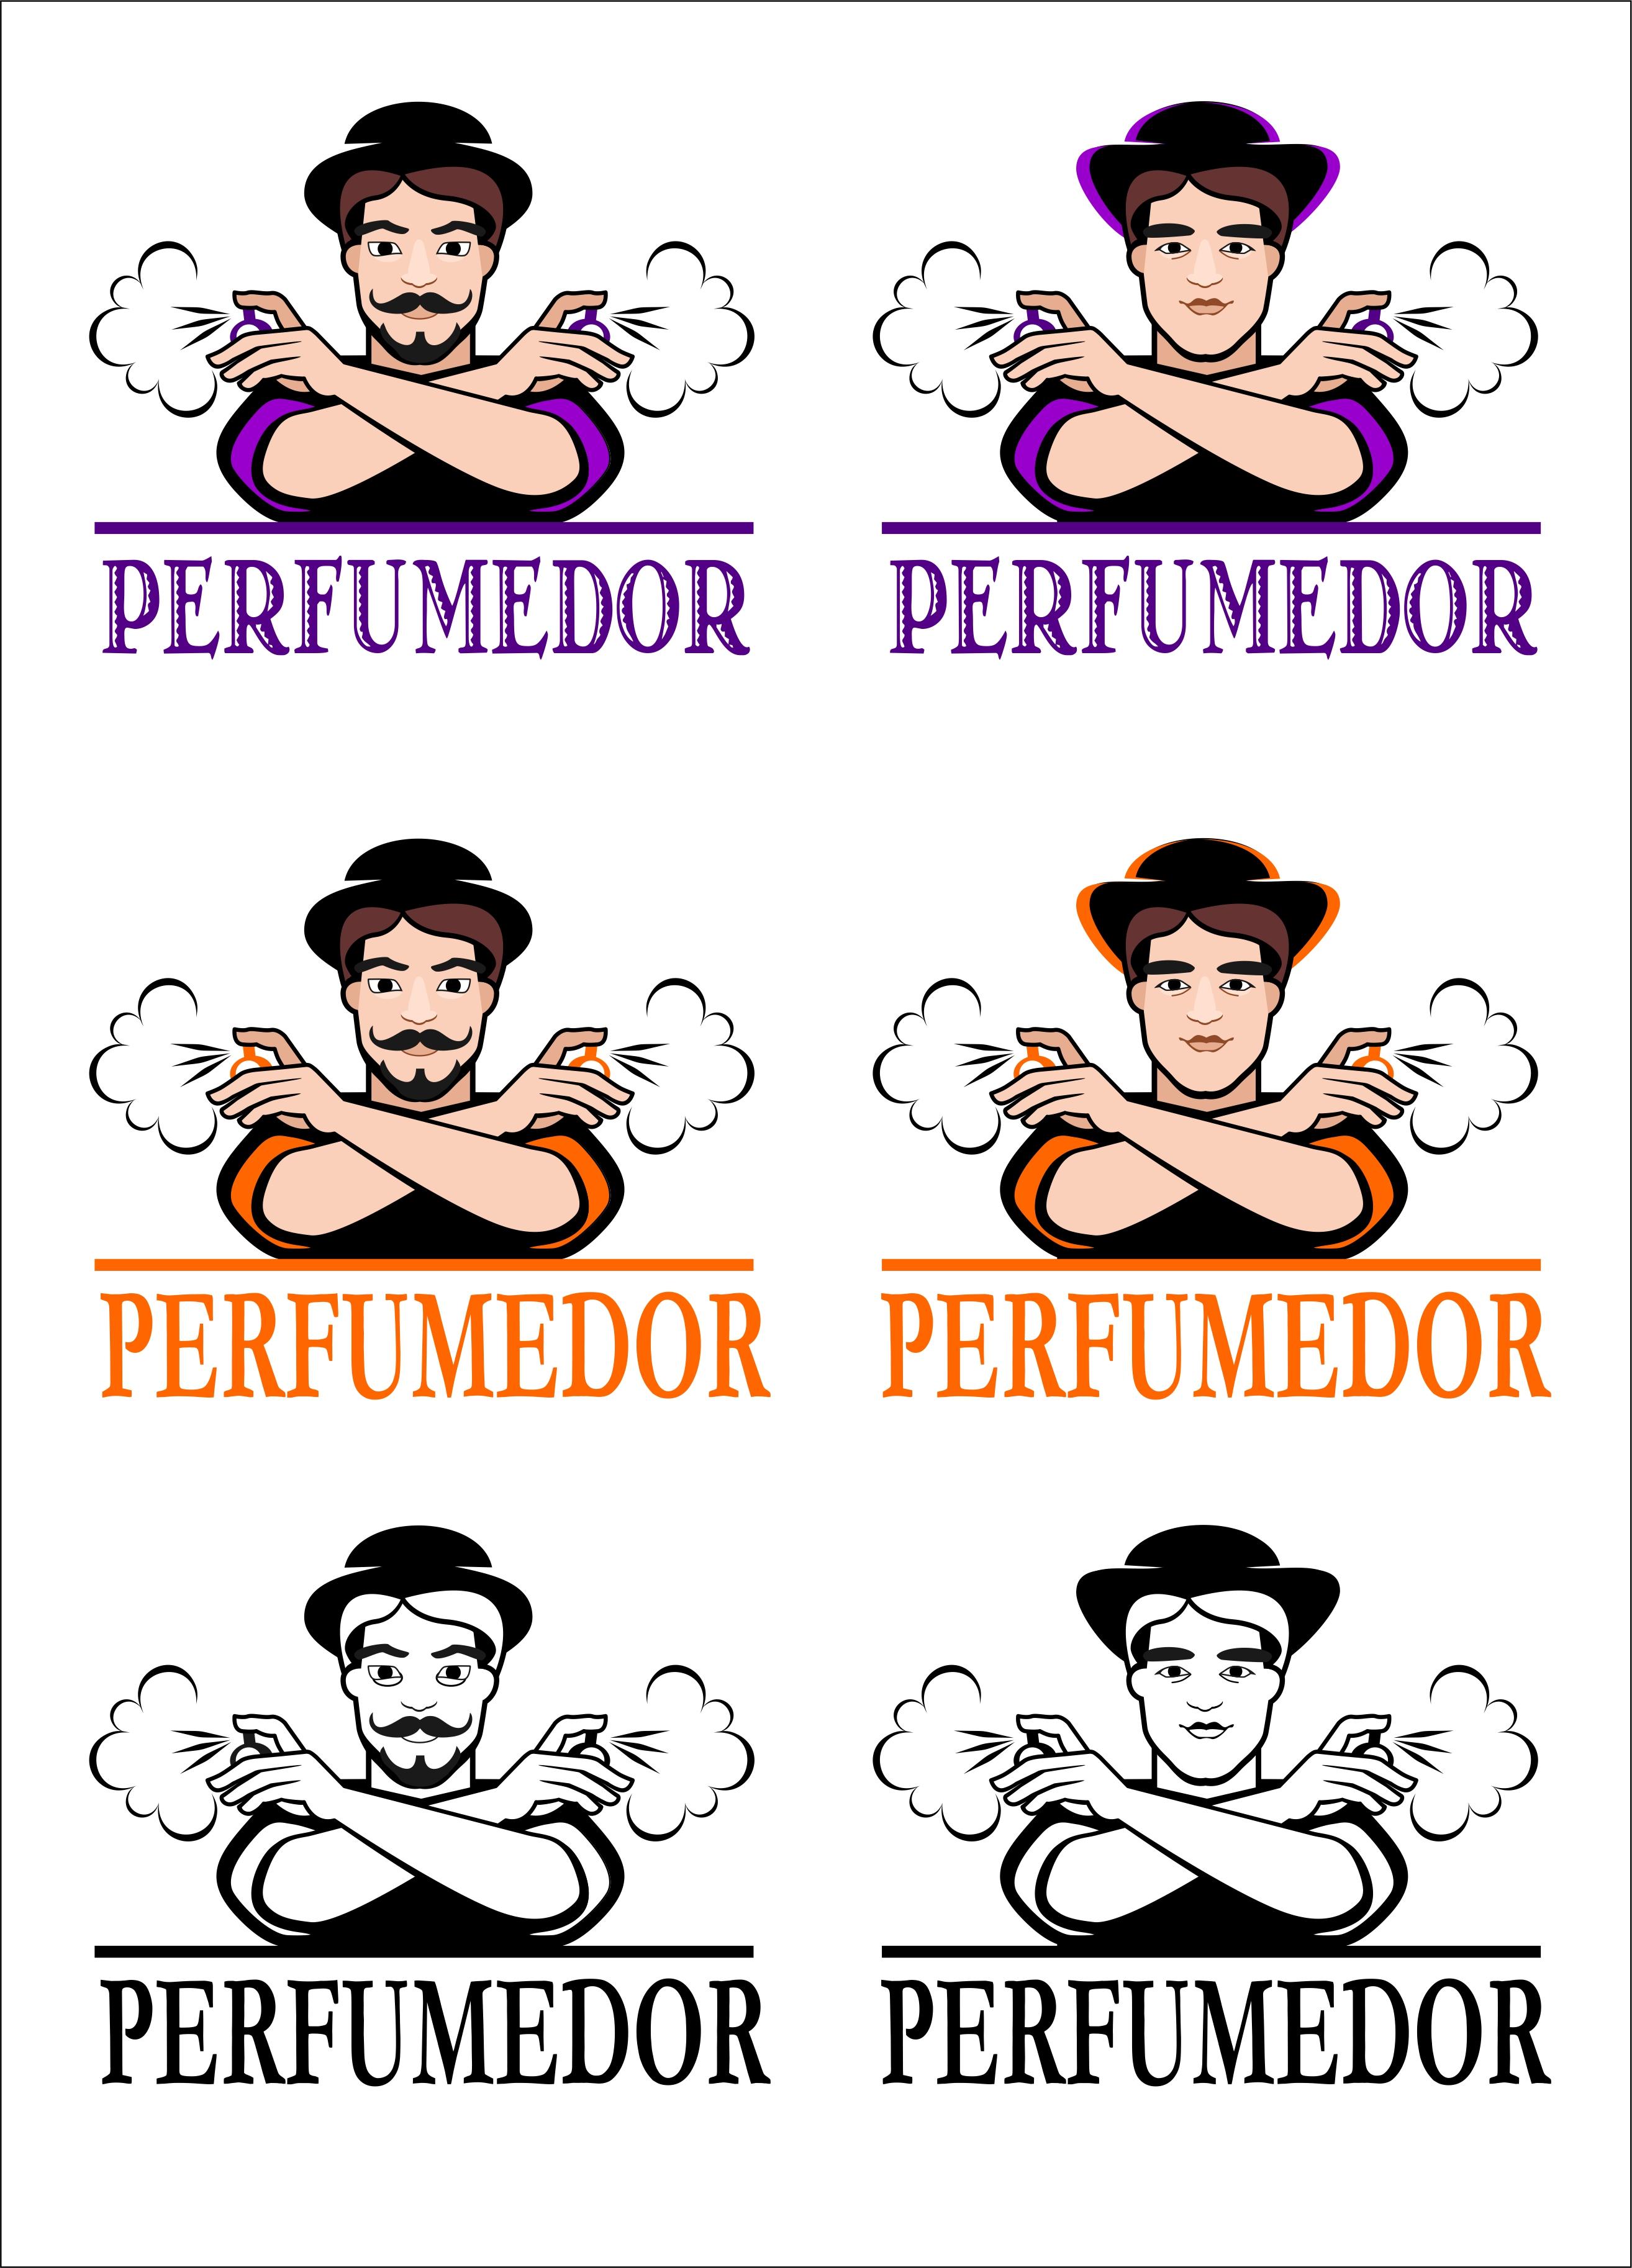 Логотип для интернет-магазина парфюмерии фото f_8865b47288db04d6.jpg